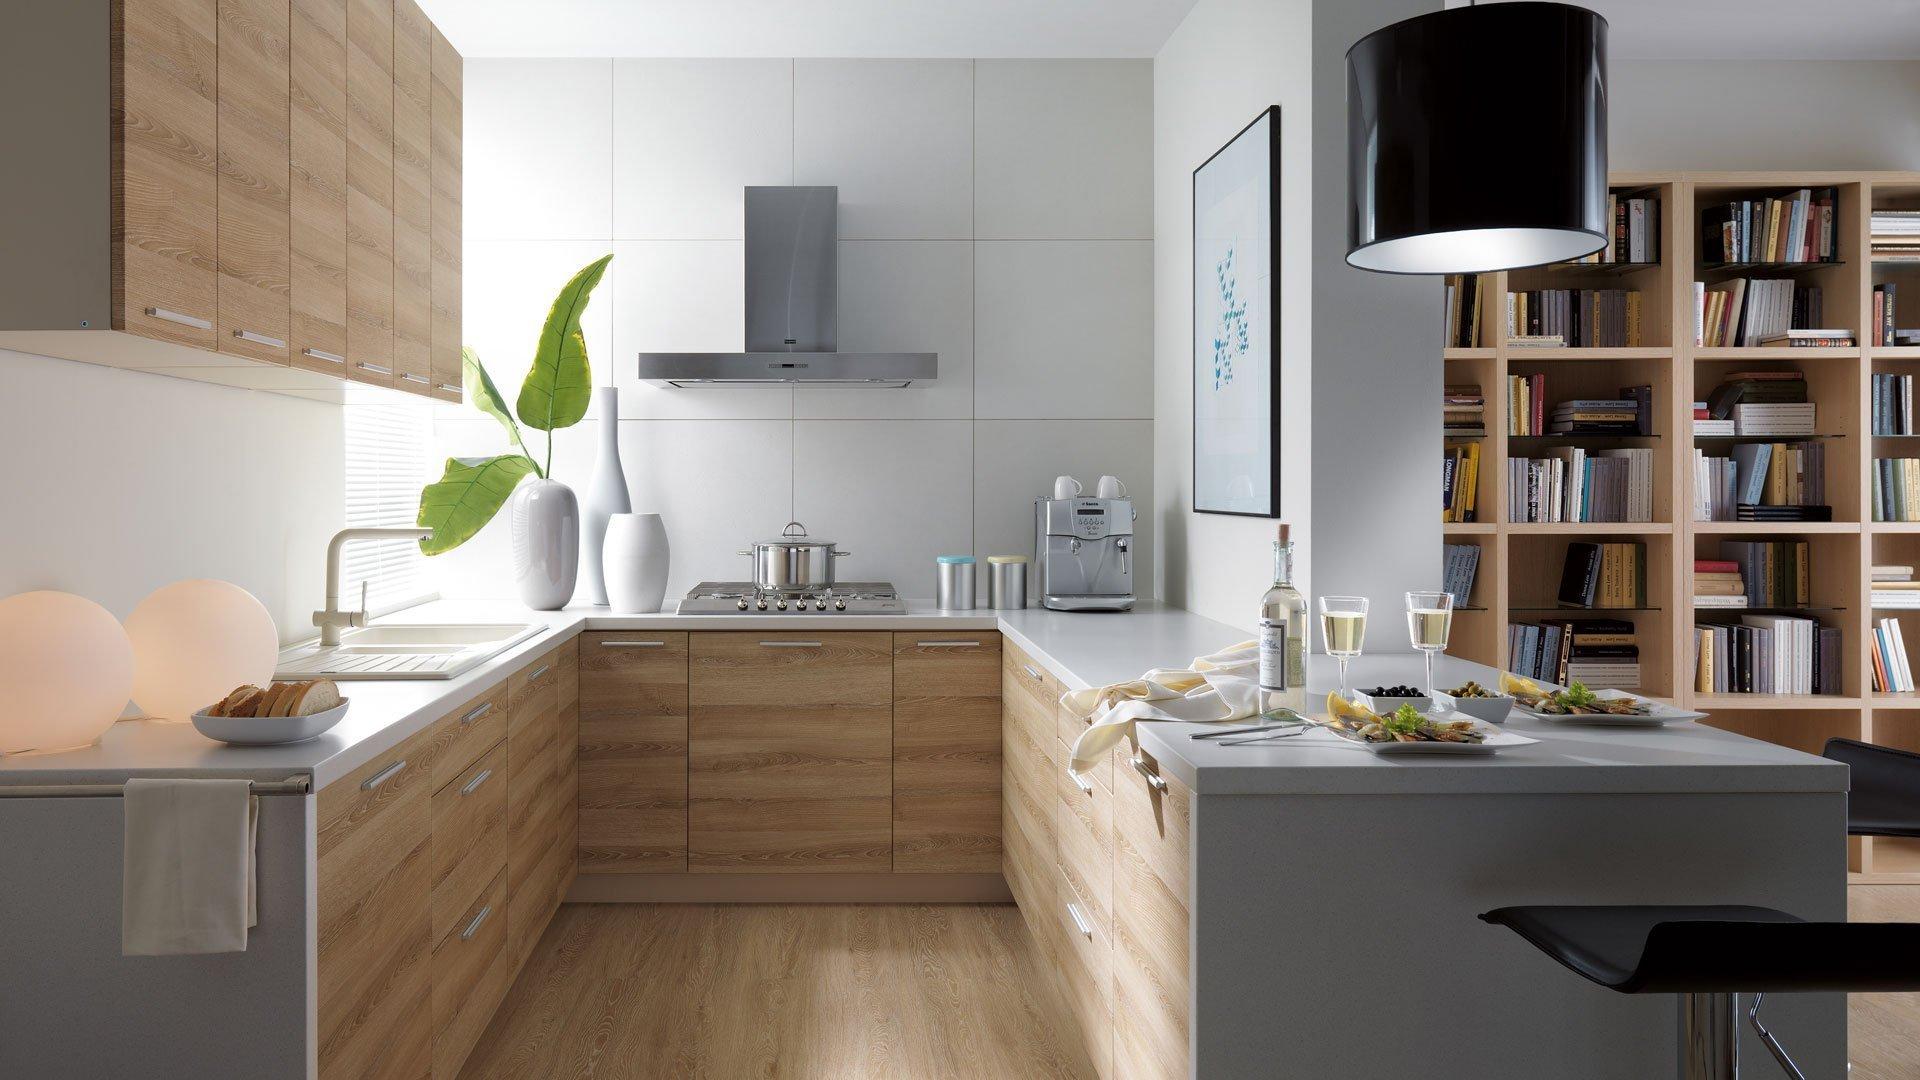 V kuchyni a jídelně to s pestrostí nepřehánějte, výrazné odstíny mohou změnit přirozený vzhled jídla.